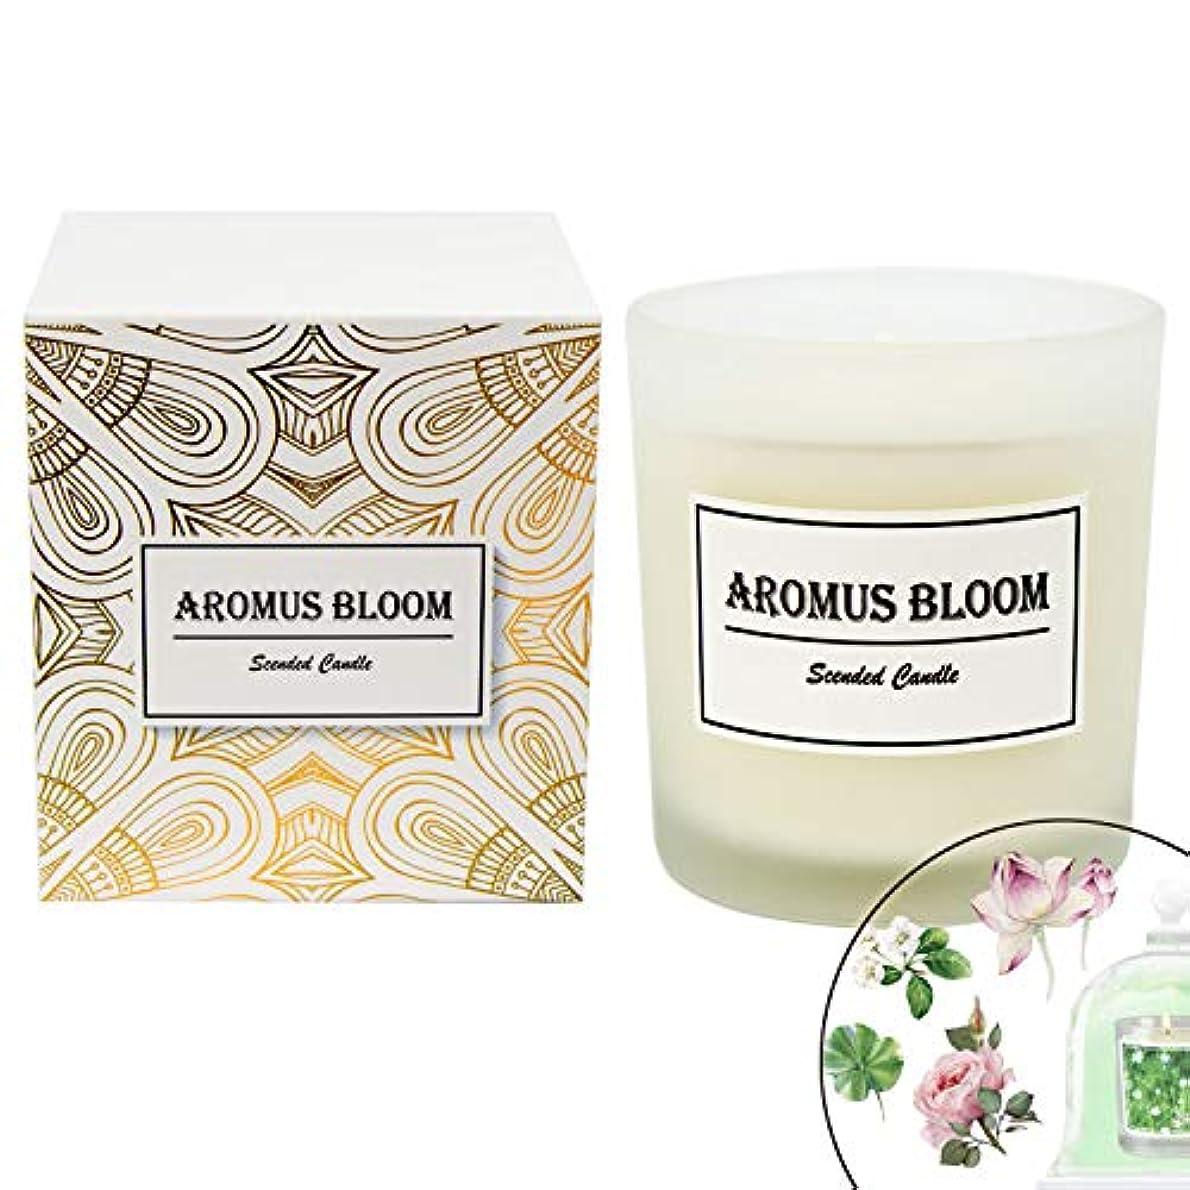 また明日ねエトナ山講師AromusBloom 香り付きキャンドル ギフト 天然エッセンシャルオイル 100% 環境に優しい大豆ワックス アロマセラピーキャンドル ギフトキャンドル レディース Green Lush B07D82D5S5